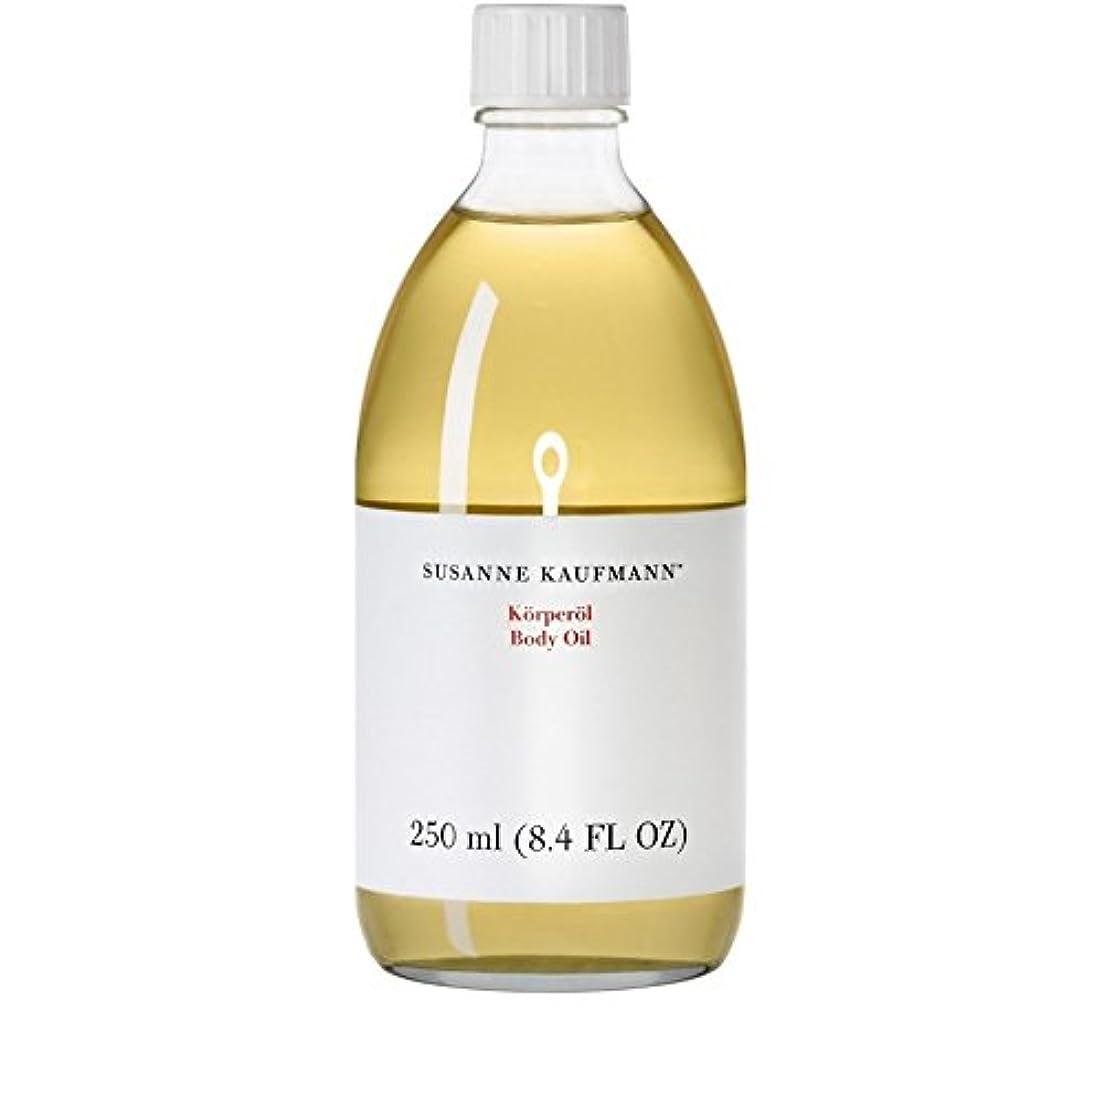 アセンブリスープ空洞Susanne Kaufmann Body Oil 250ml - スザンヌカウフマンボディオイル250ミリリットル [並行輸入品]